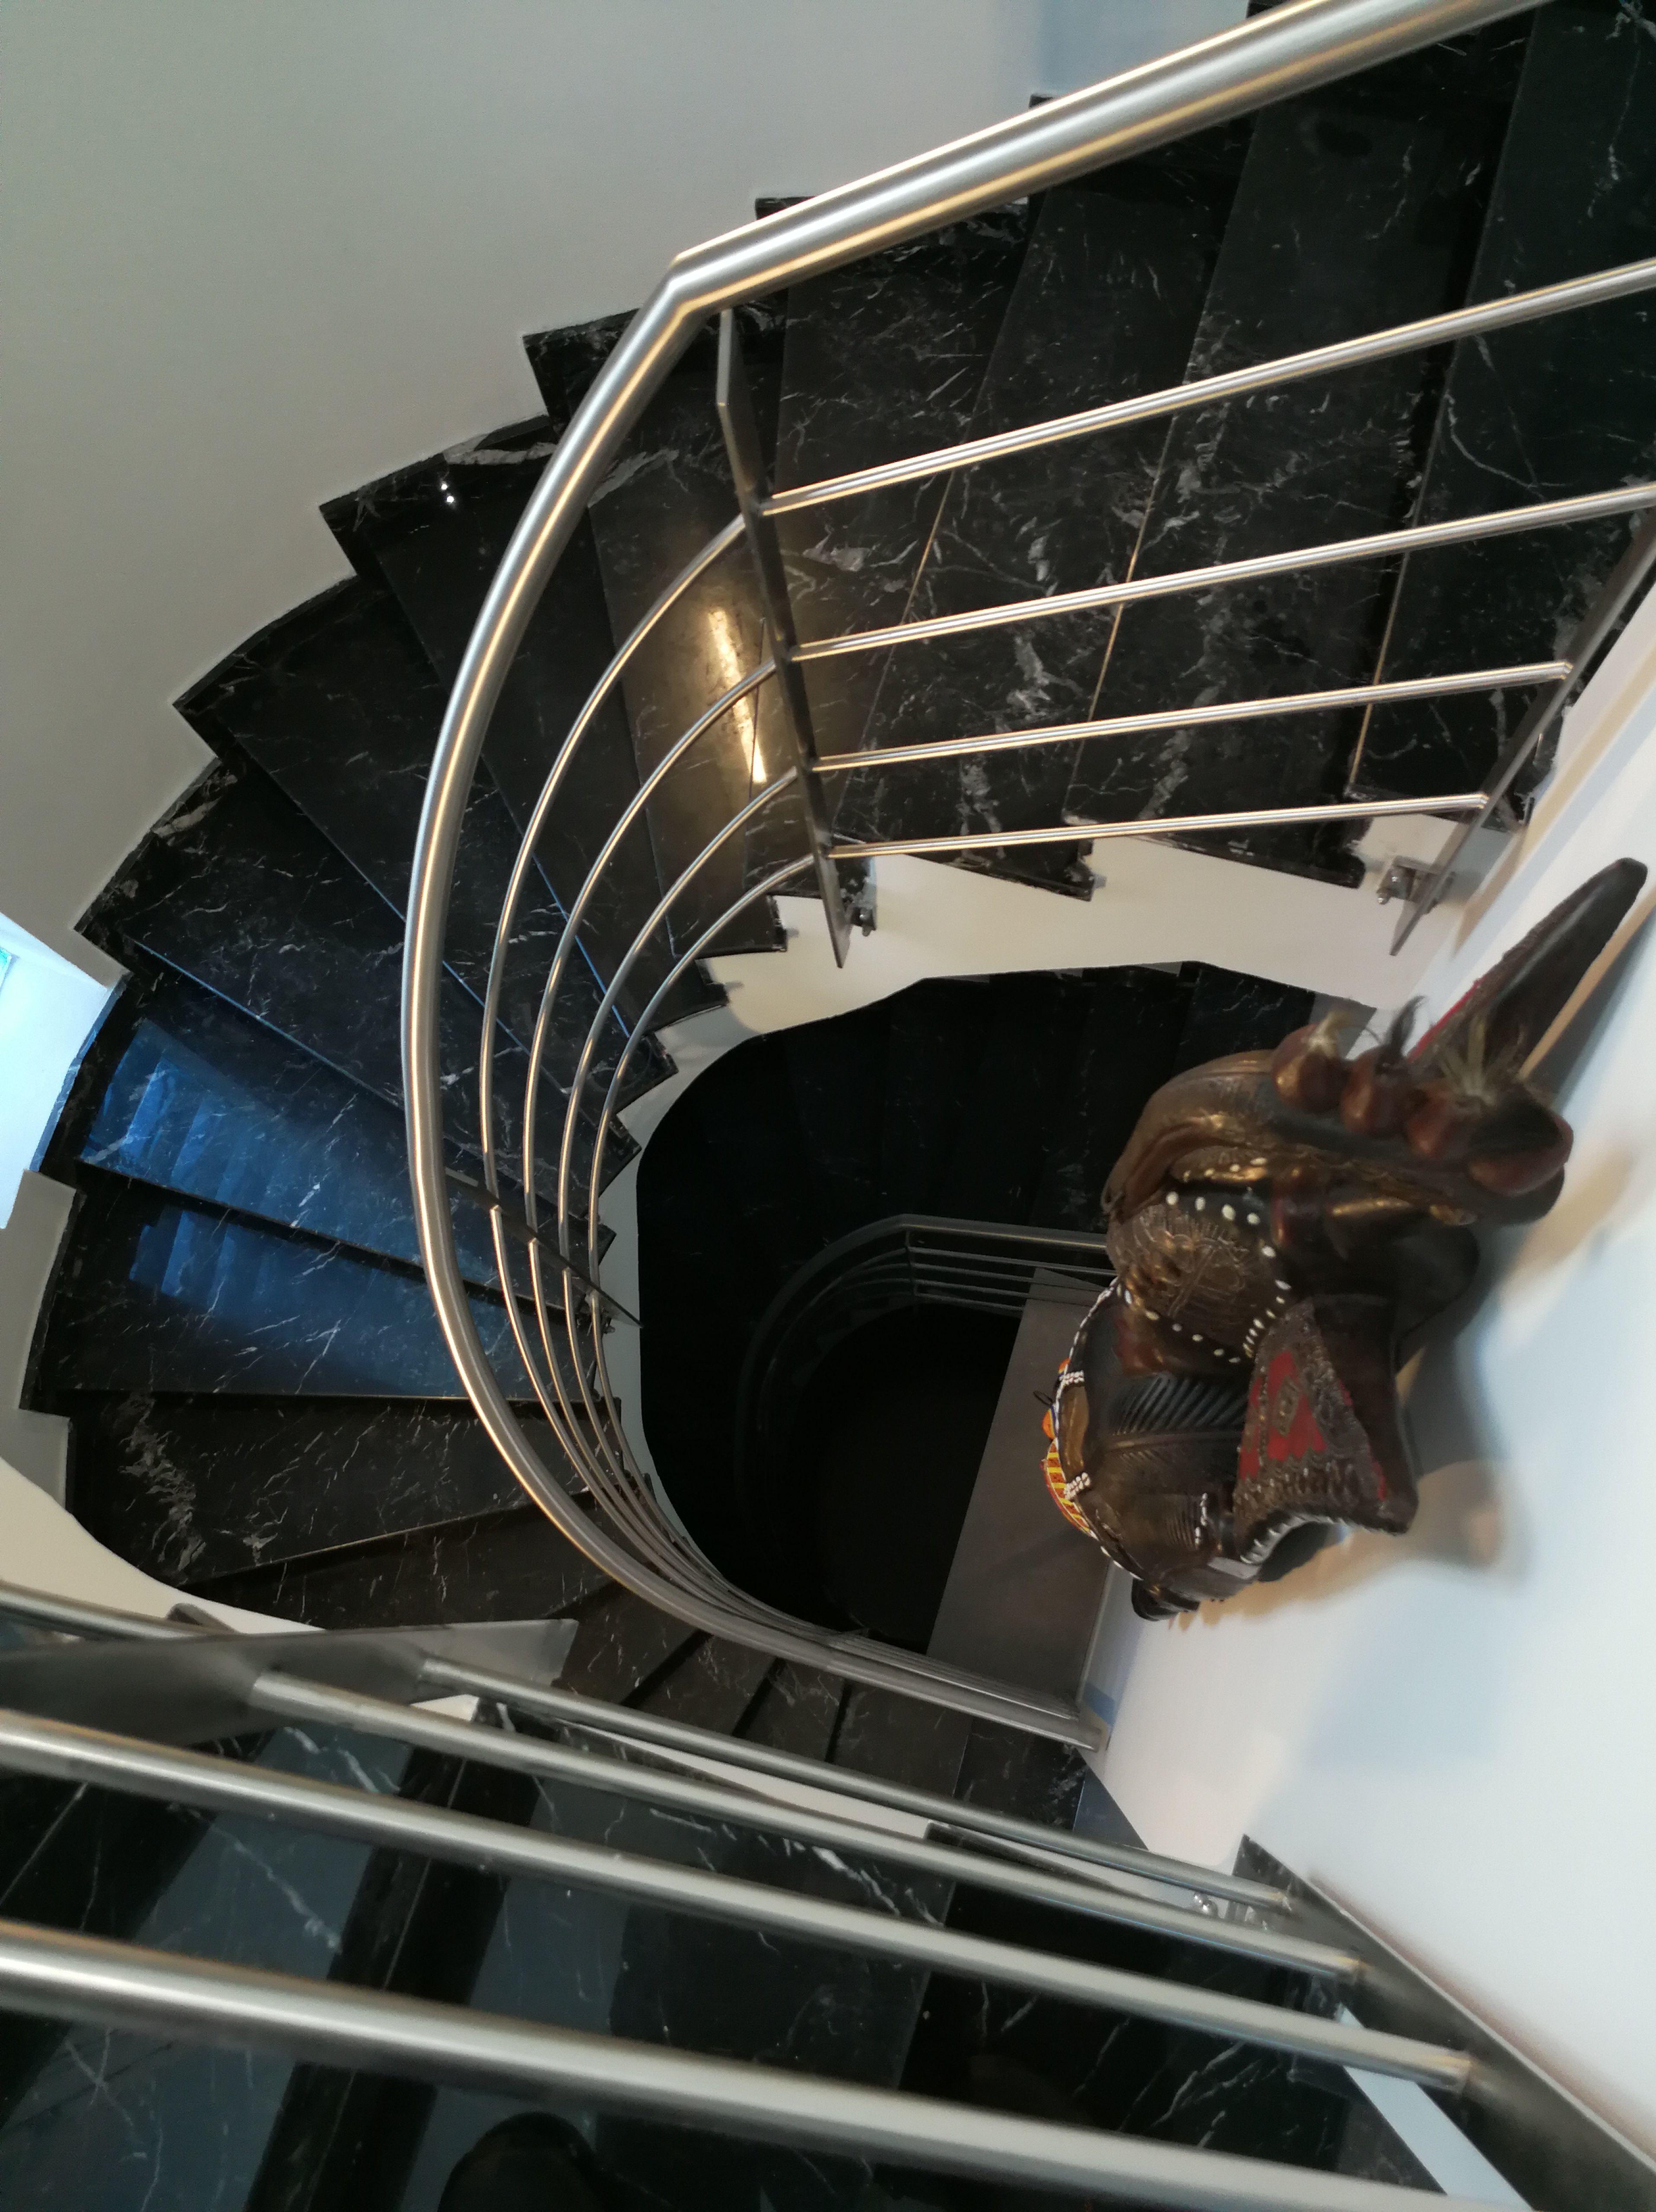 Foto 136 de Especialistas en diseños y proyectos en acero inoxidable en Alcalá de Guadaíra | Icminox